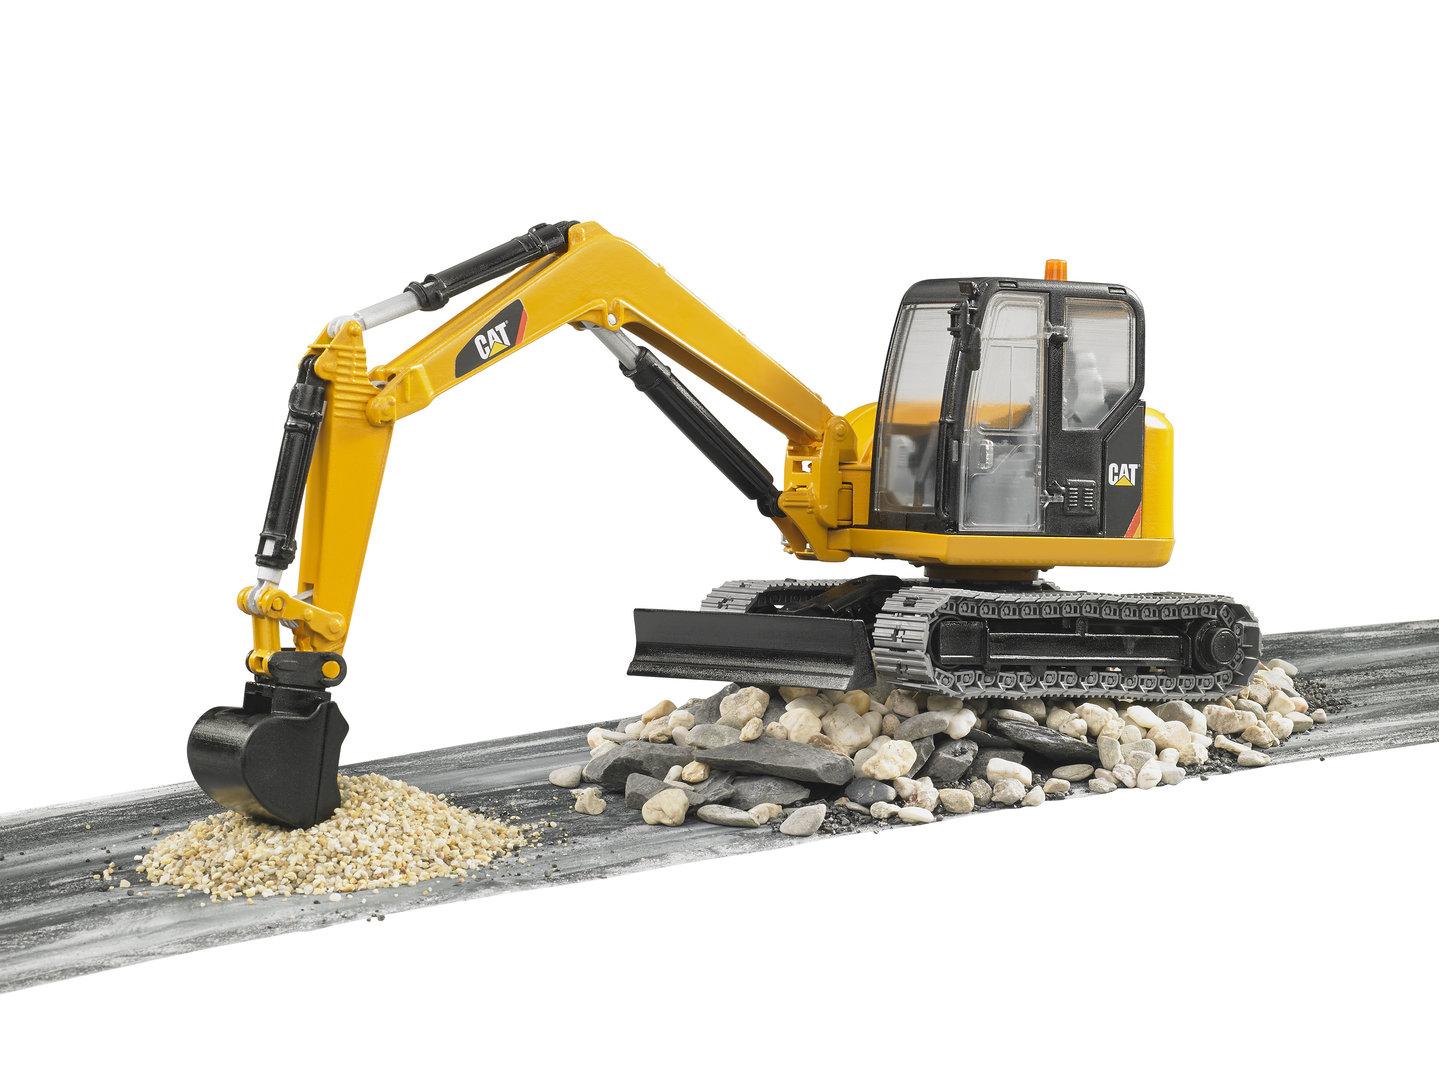 caterpillar minibagger bruder bagger bruder cat bagger 2456. Black Bedroom Furniture Sets. Home Design Ideas